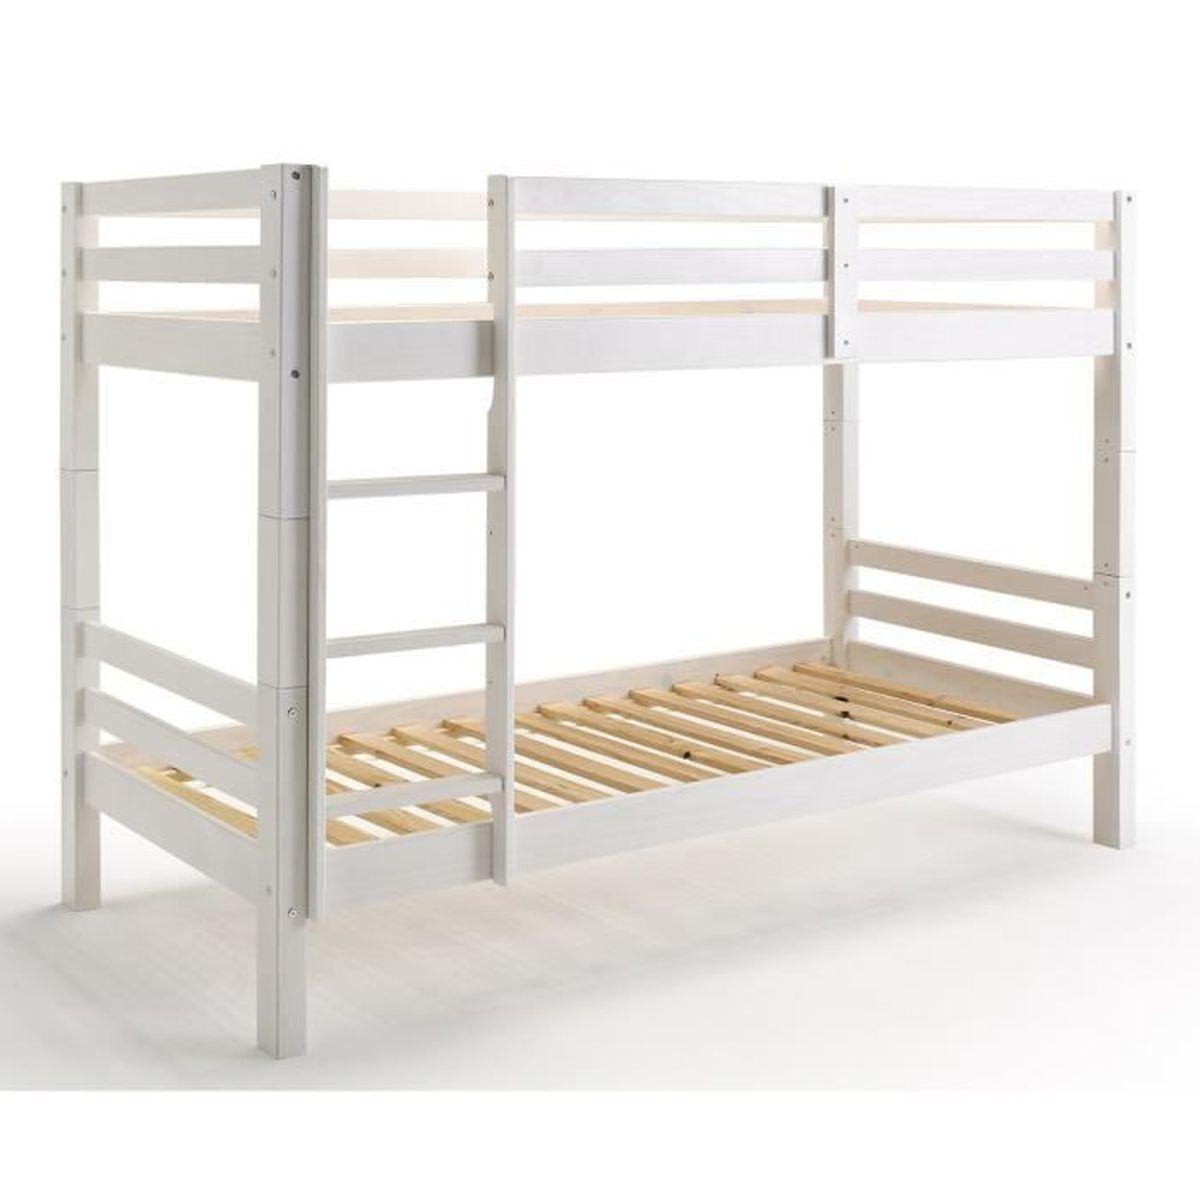 lit superpos gigogne pour enfant en bois coloris blanc dim h 114 x l 211 x p 100 cm achat. Black Bedroom Furniture Sets. Home Design Ideas